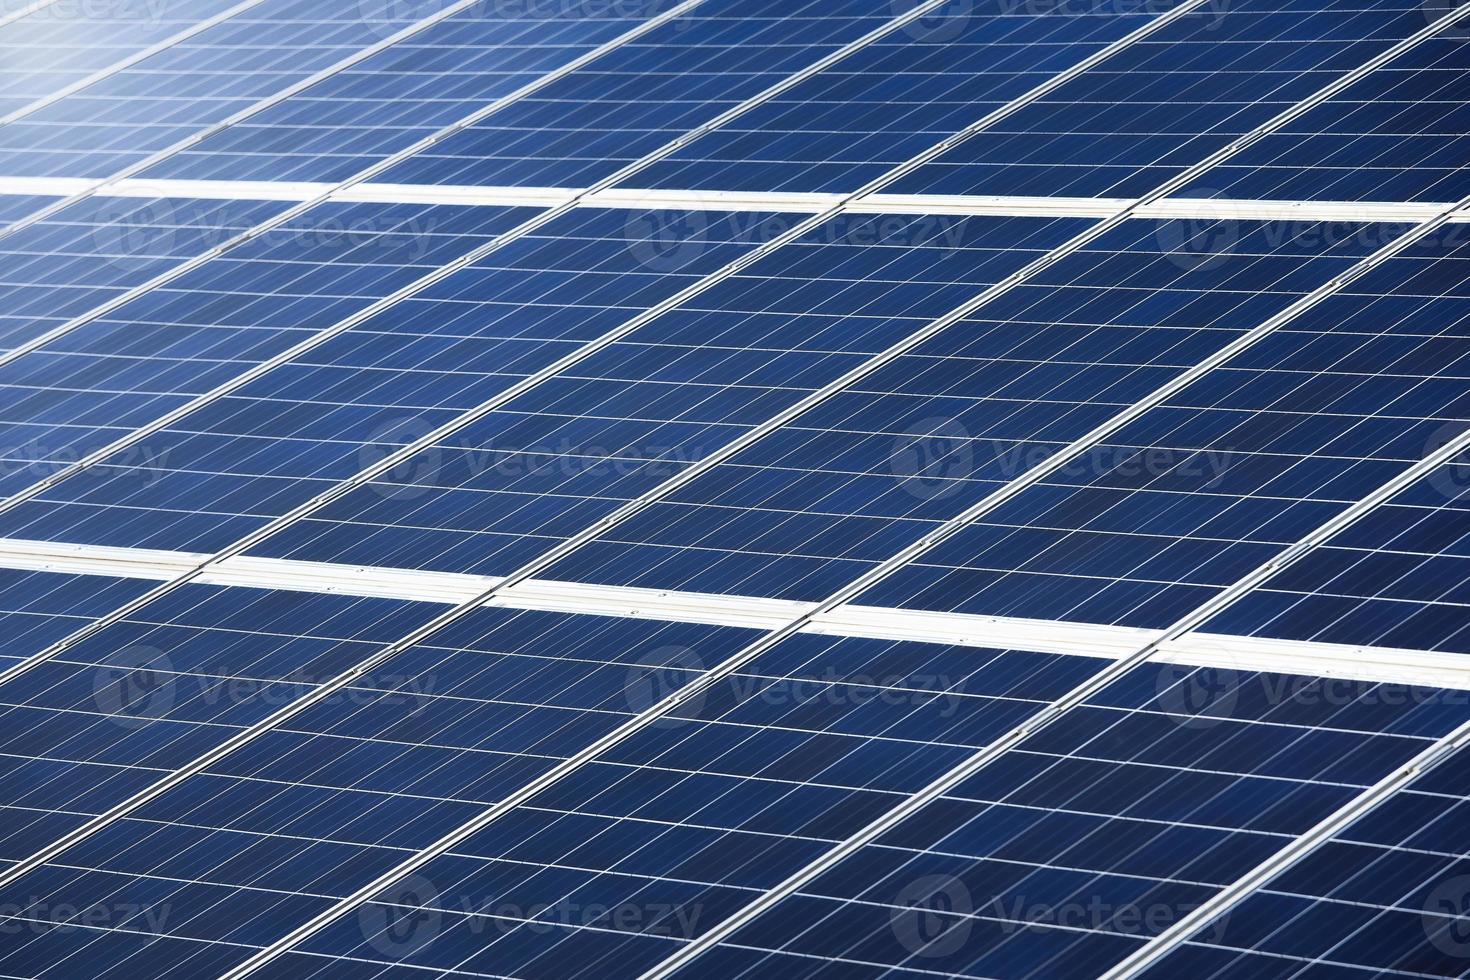 painel fotovoltaico para textura ou padrão de geração de energia foto